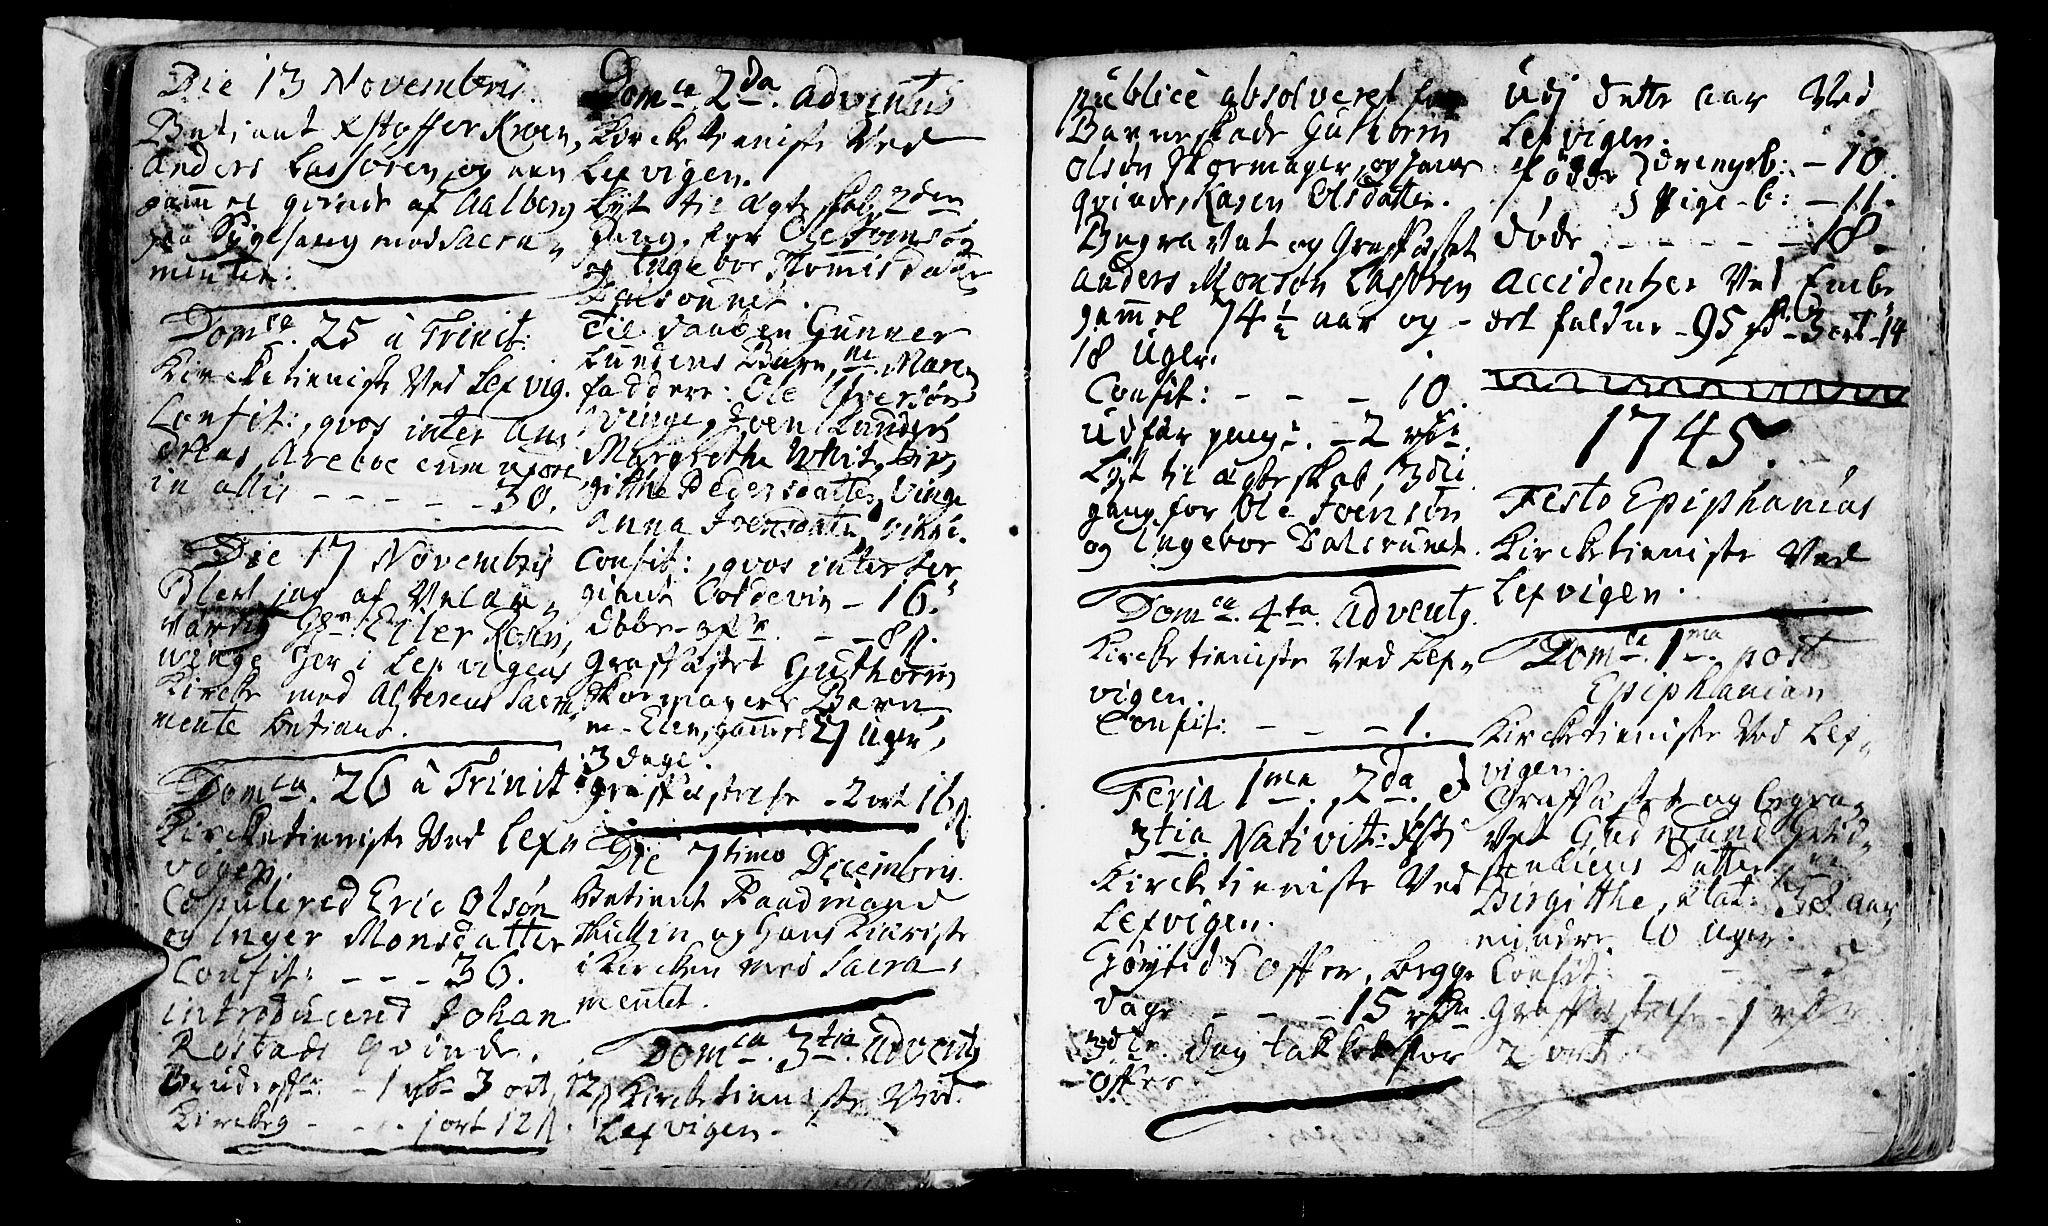 SAT, Ministerialprotokoller, klokkerbøker og fødselsregistre - Nord-Trøndelag, 701/L0002: Ministerialbok nr. 701A02 /1, 1738-1752